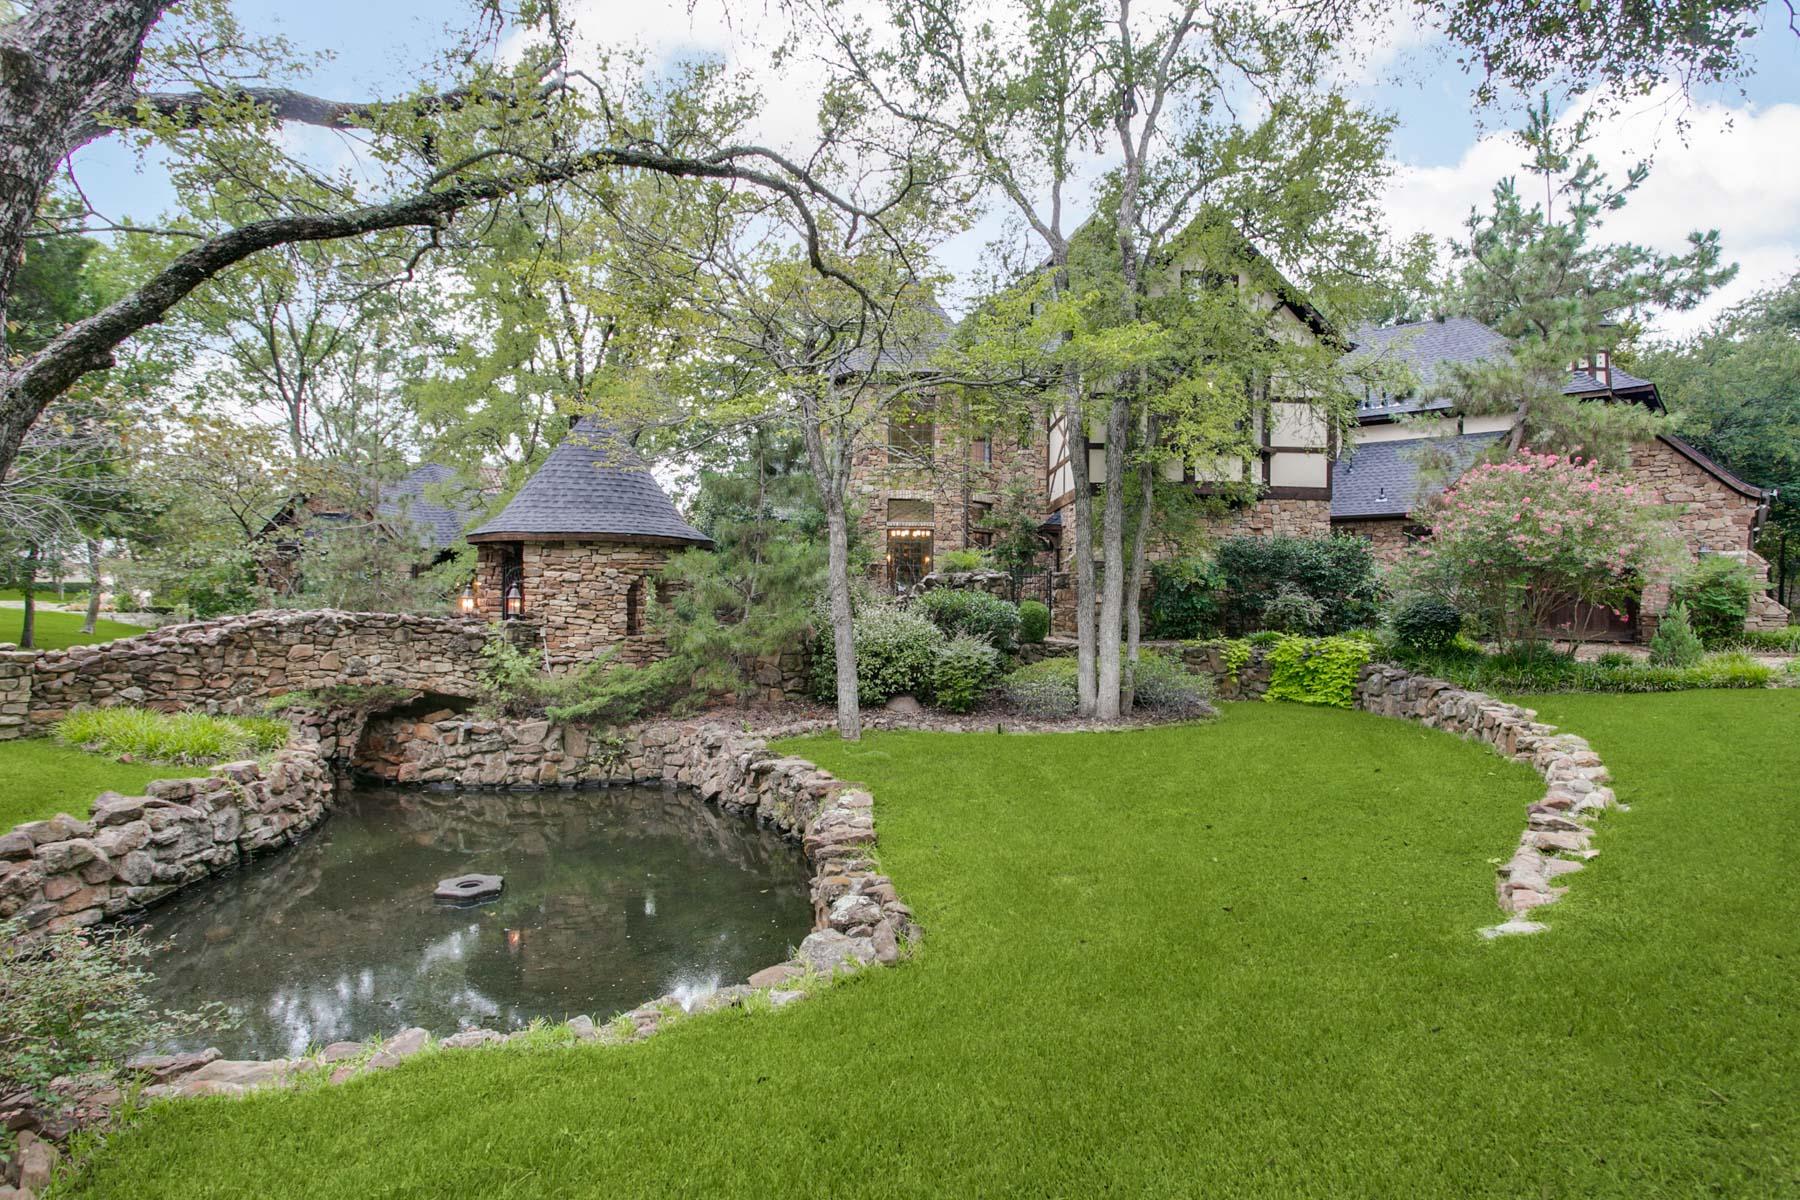 Single Family Home for Sale at Tour 18 Estates Tudor 4605 Tour 18 Flower Mound, Texas 75022 United States